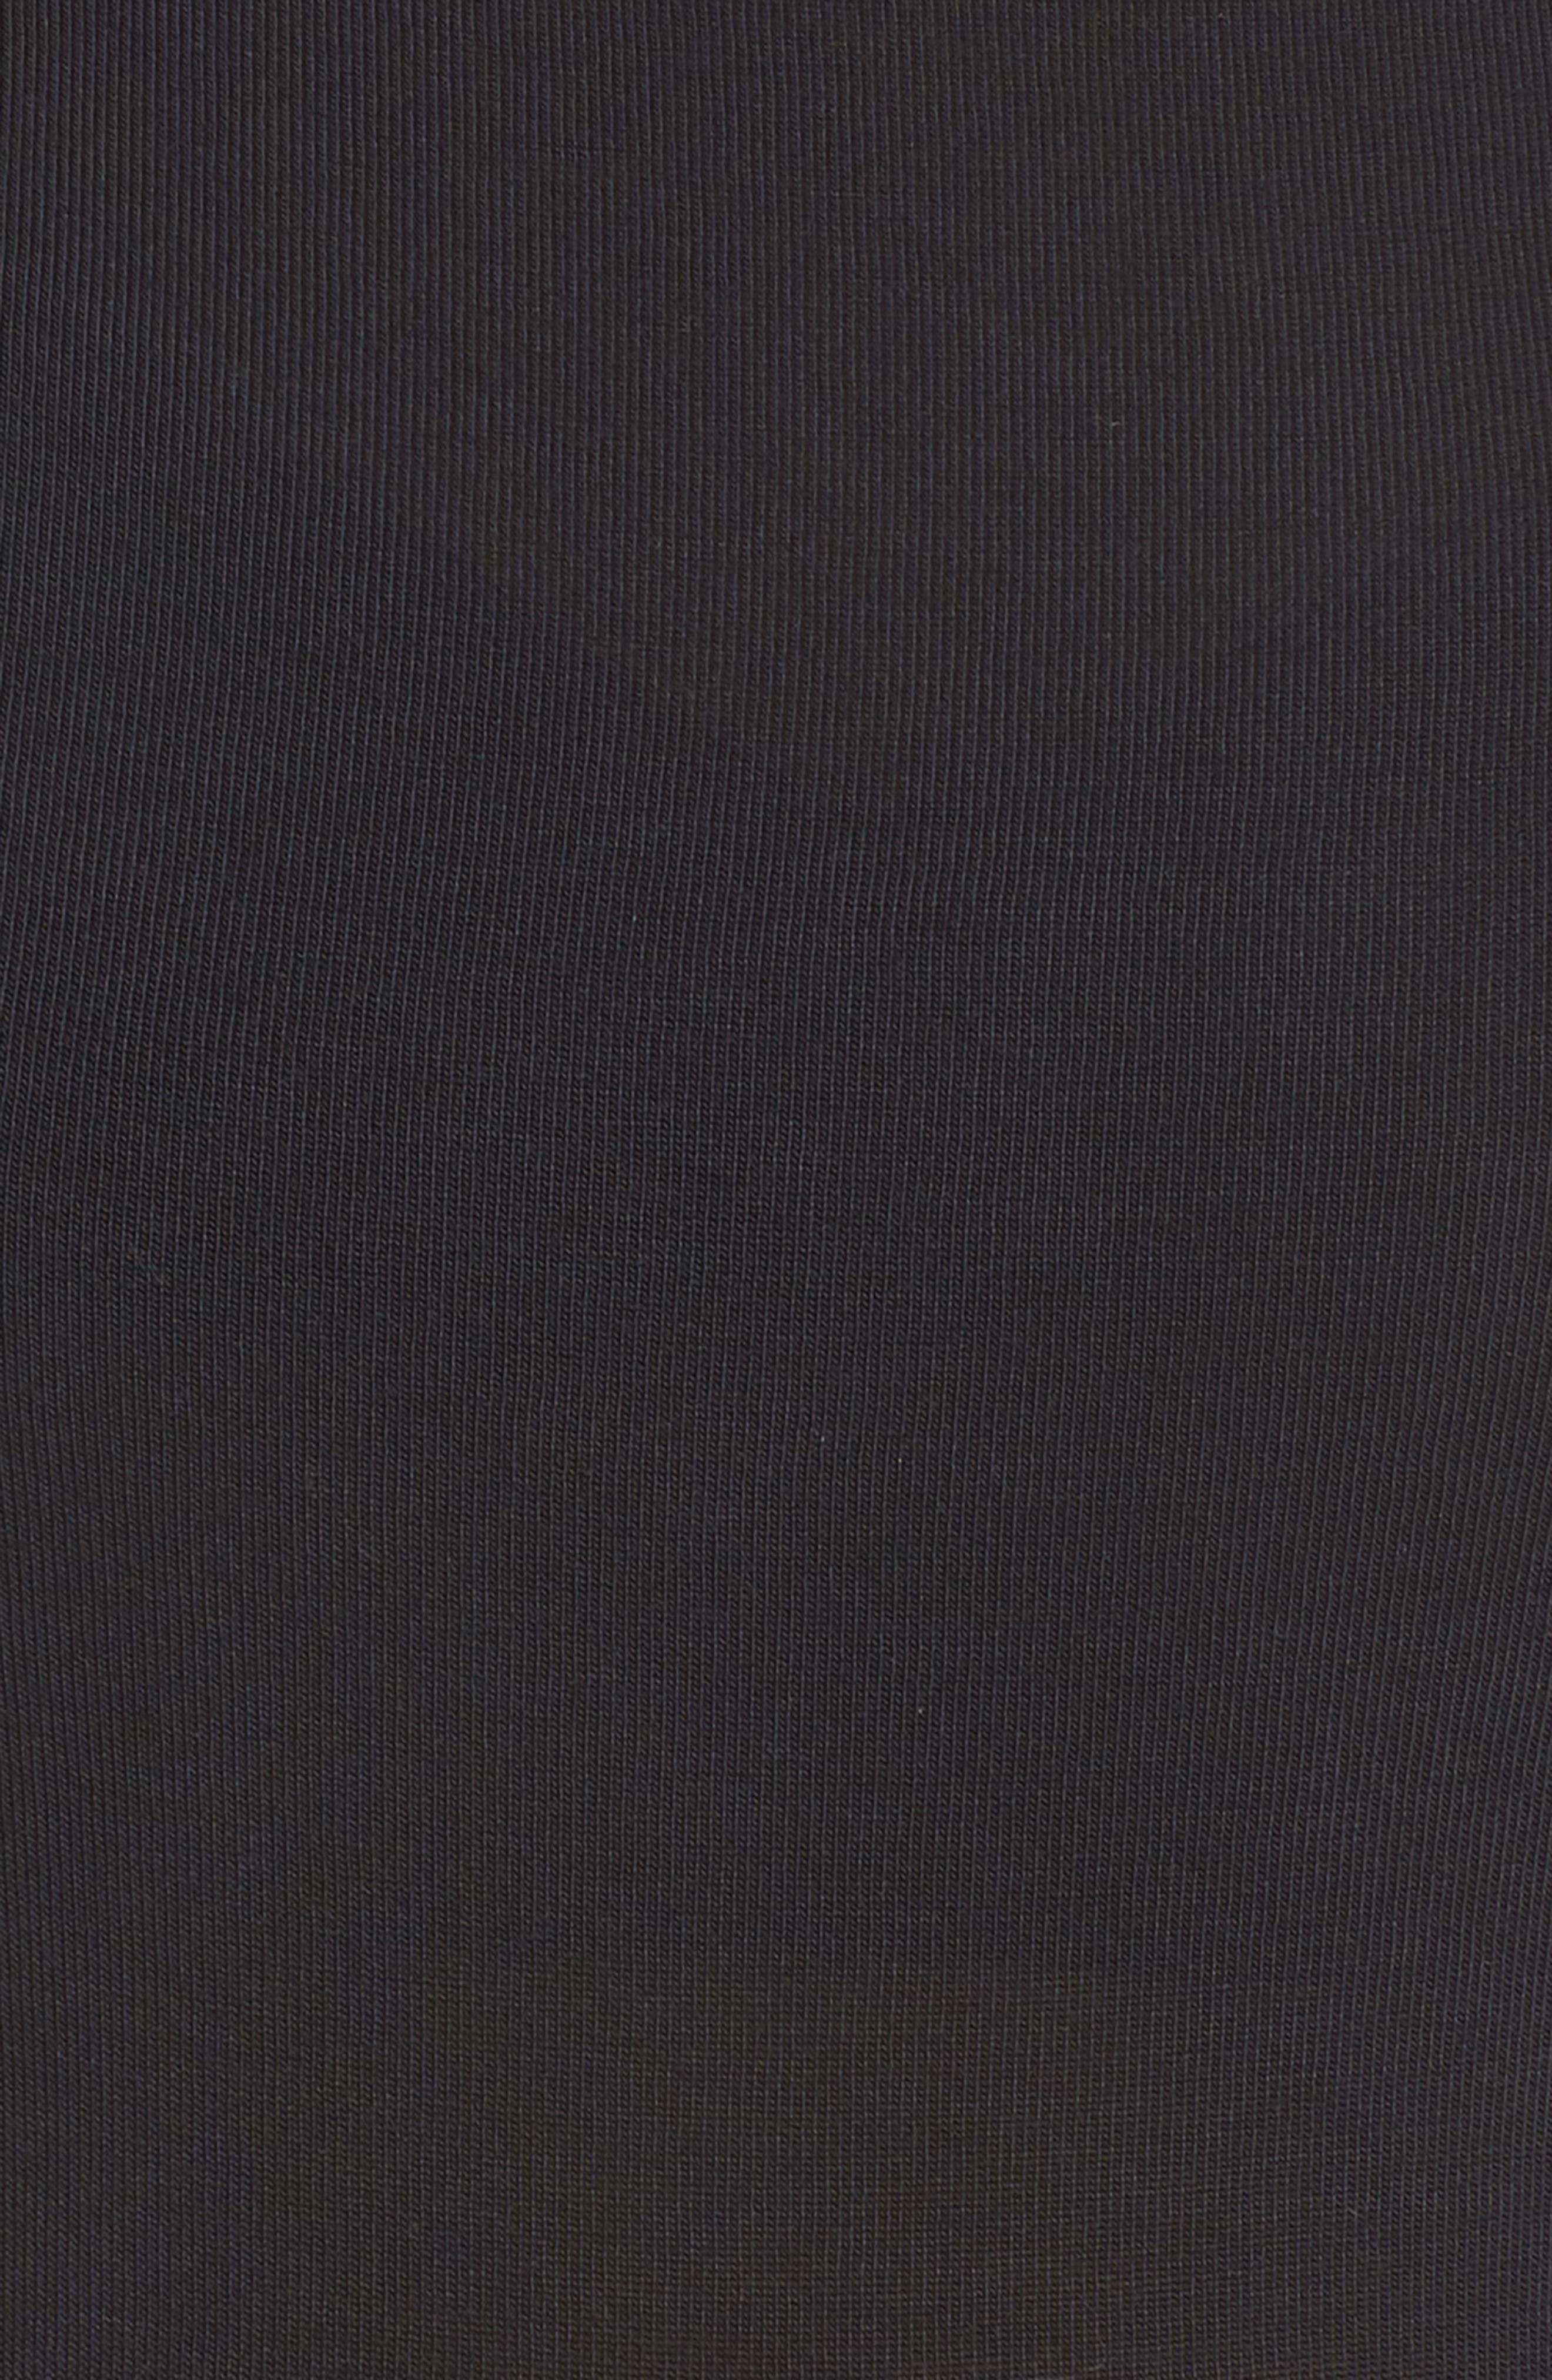 ALO, Barre Long Sleeve Top, Alternate thumbnail 6, color, BLACK